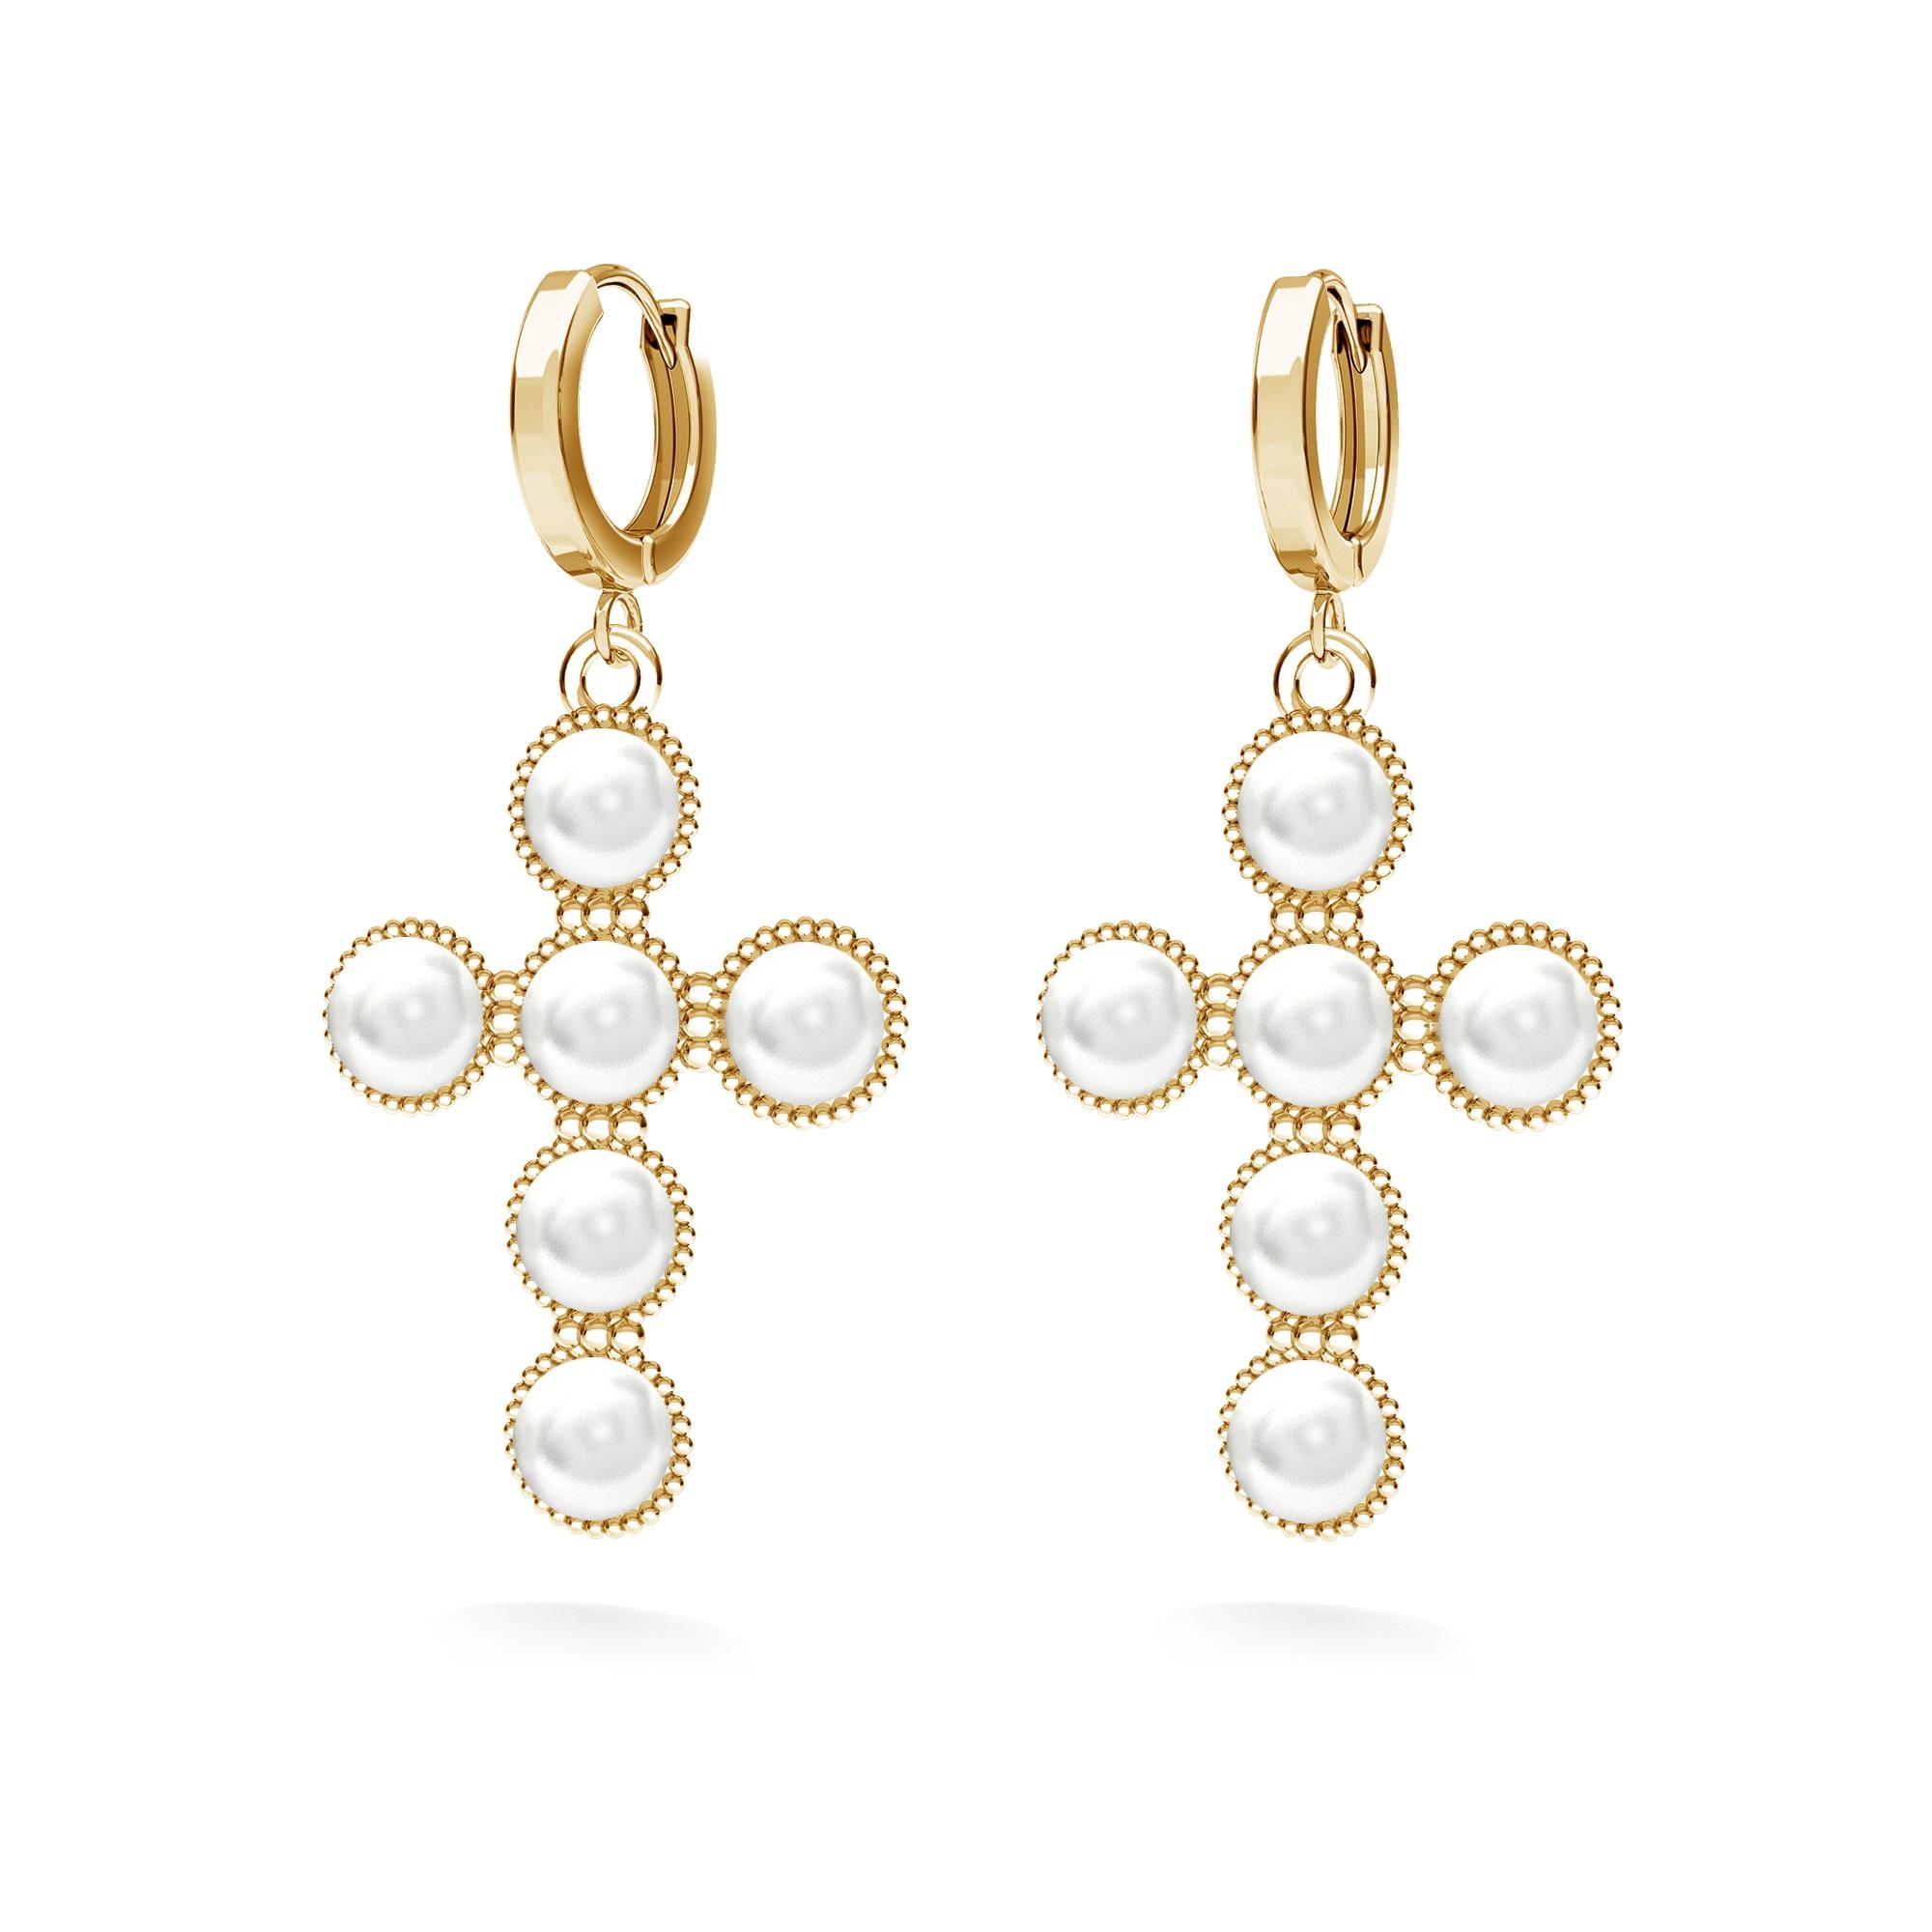 Kolczyki krzyżyk z perłami, Swarovski, srebro 925